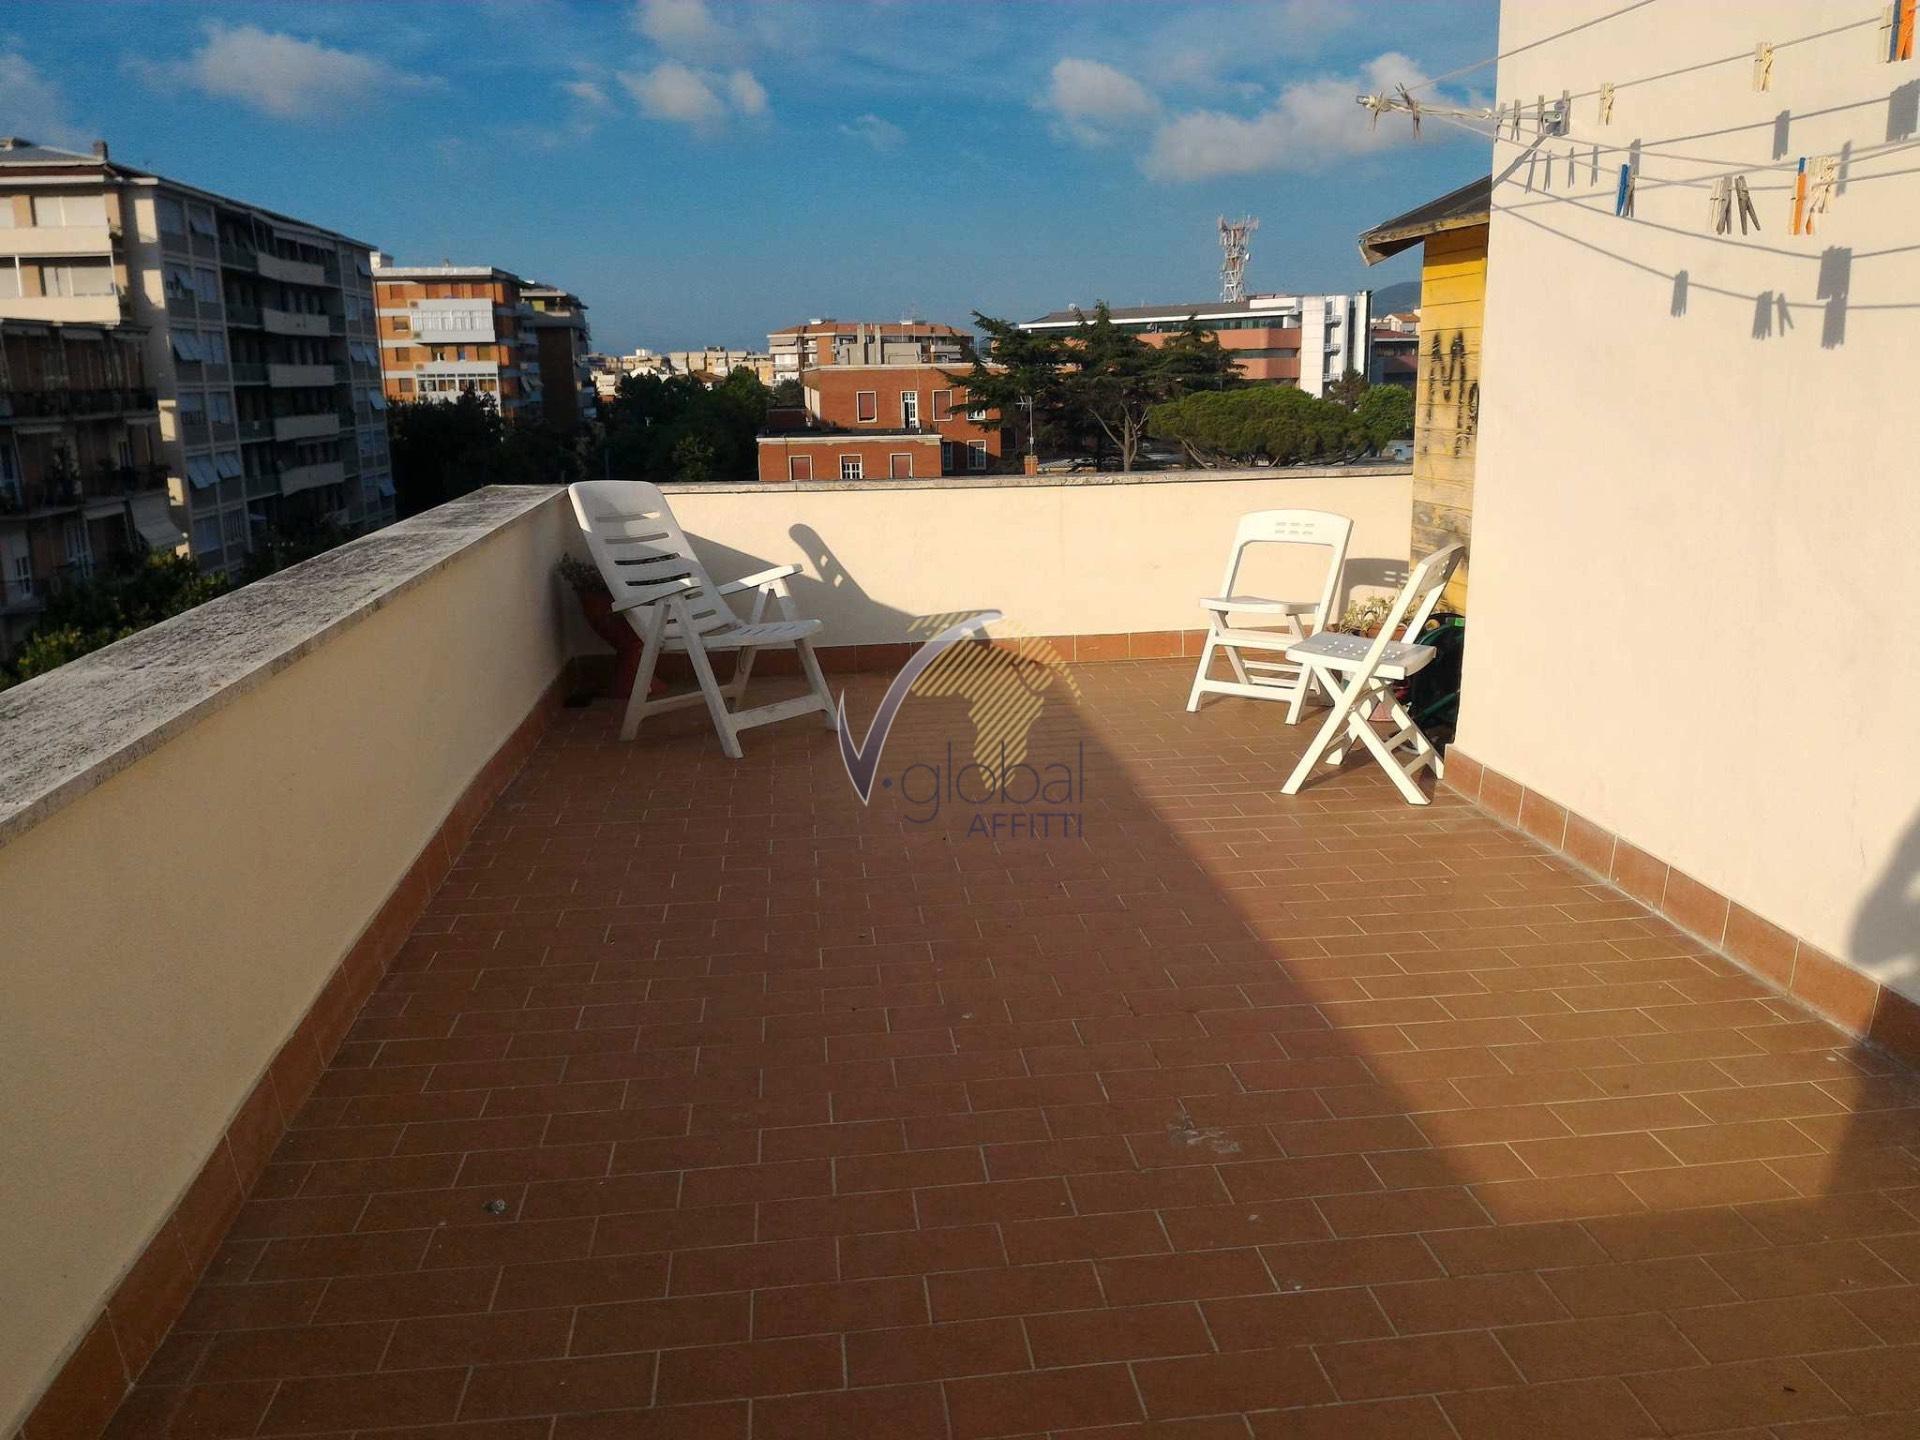 Attico / Mansarda in affitto a Livorno, 2 locali, zona Località: Centroresidenziale, prezzo € 450 | CambioCasa.it